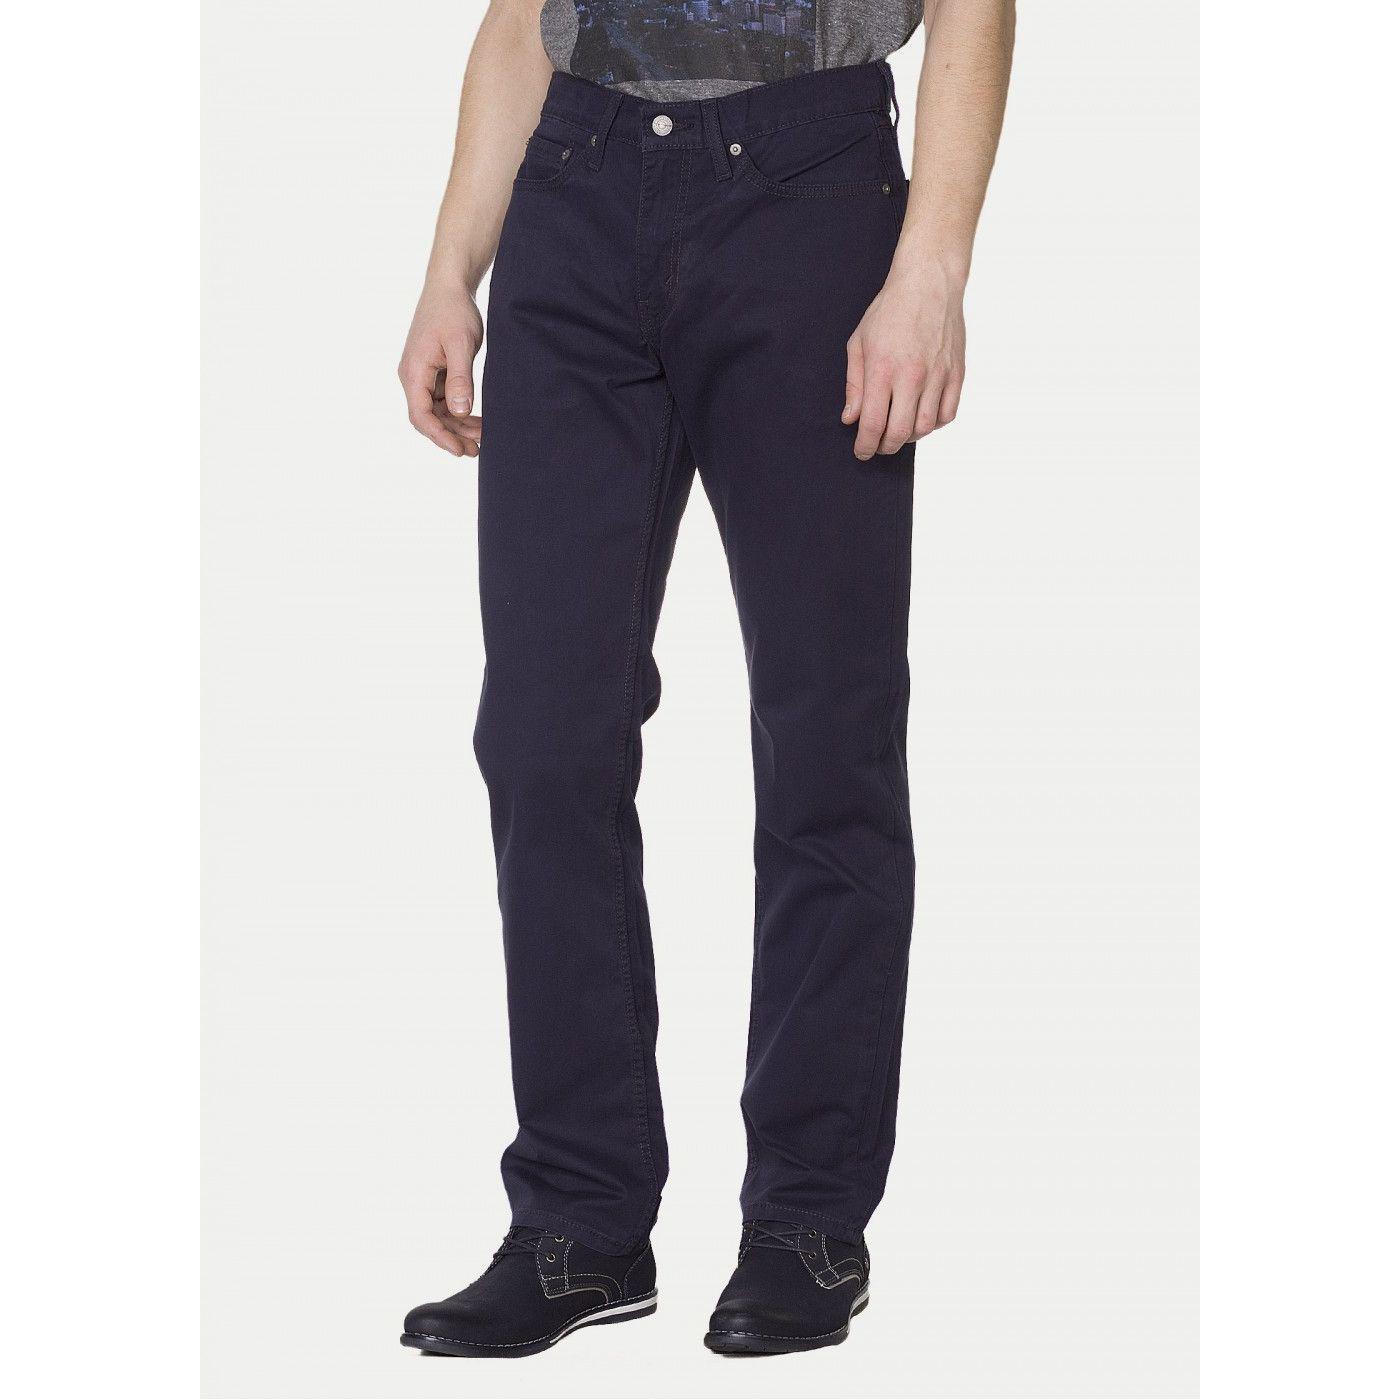 Levis Erkek Jean Pantolon 514 Straight 1 Levis Pantolon Jean